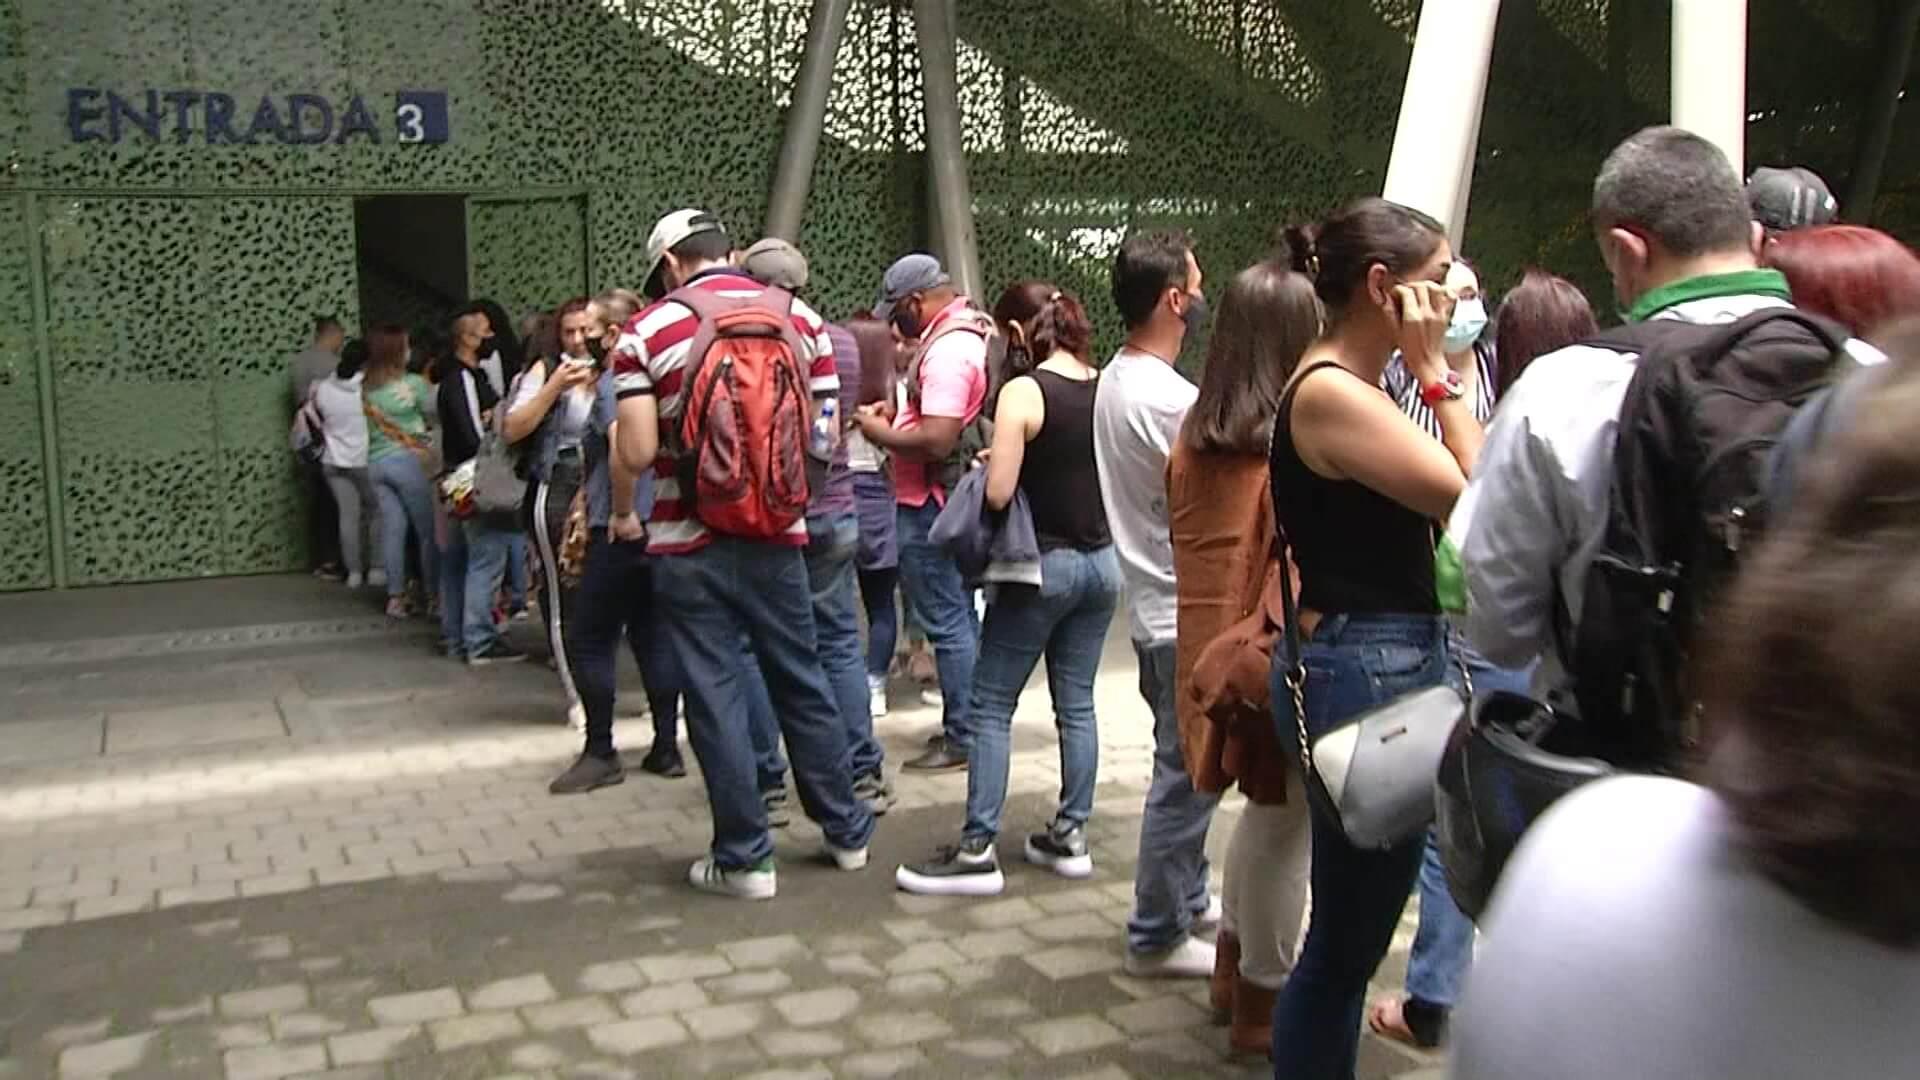 Volvieron las filas para la vacunación en el estadio